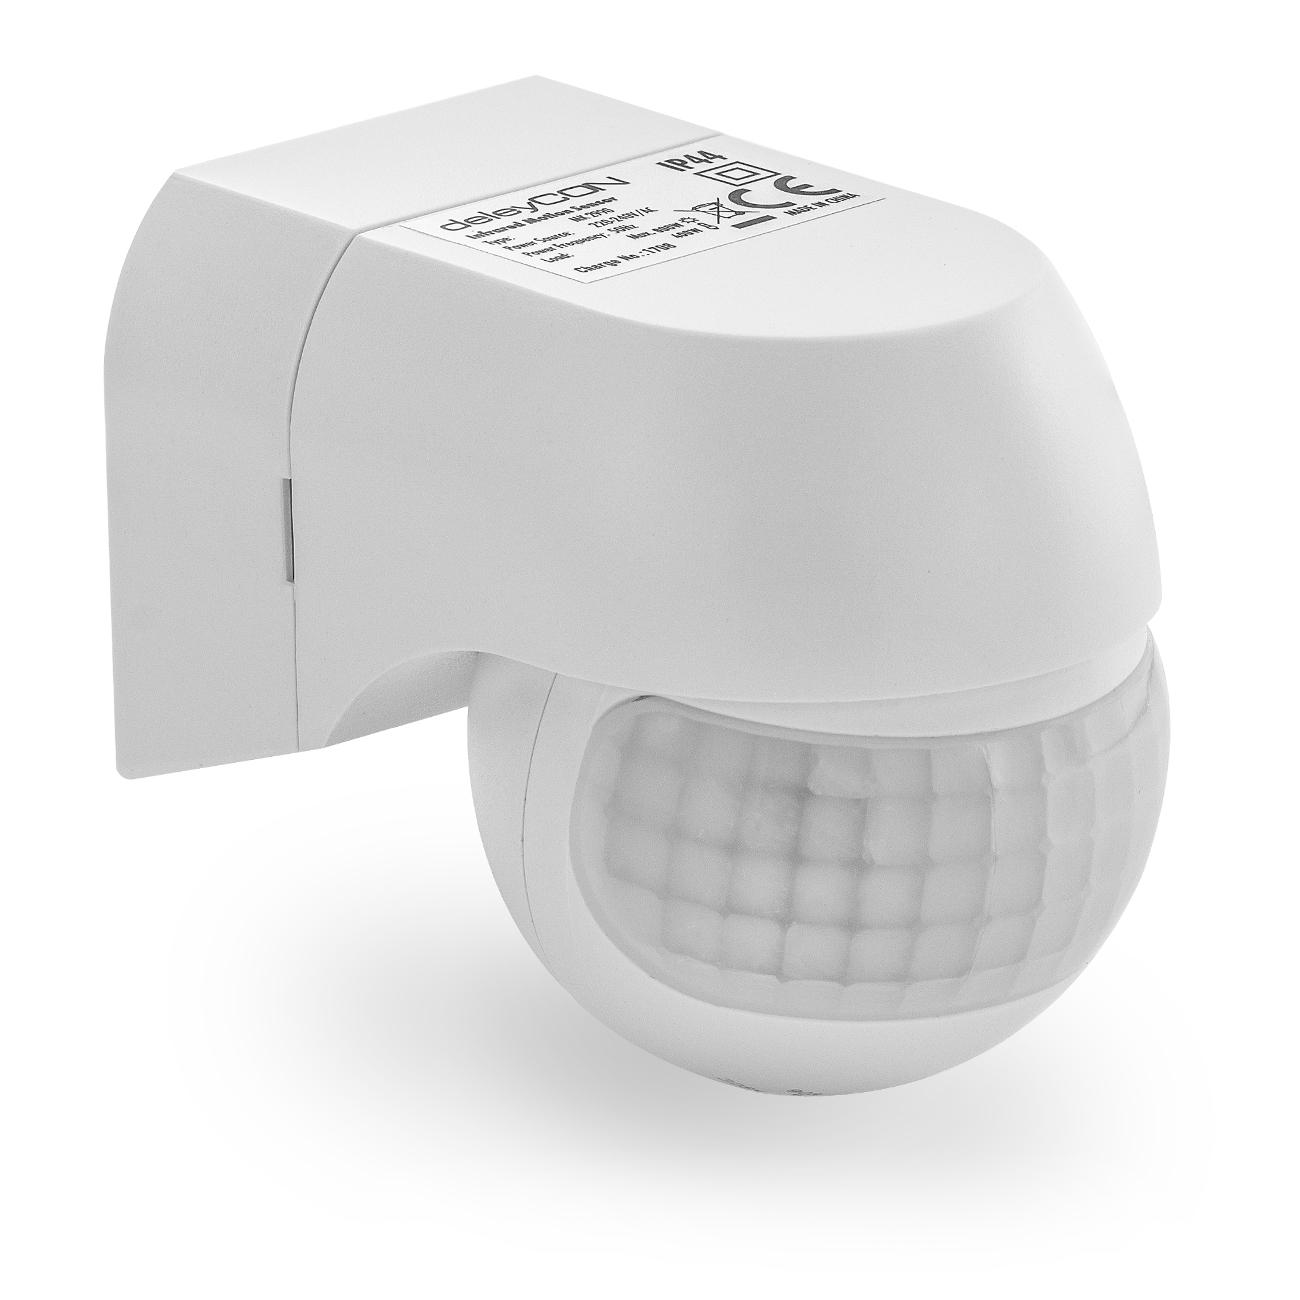 deleycon premium infrarot bewegungsmelder - für innen und außen